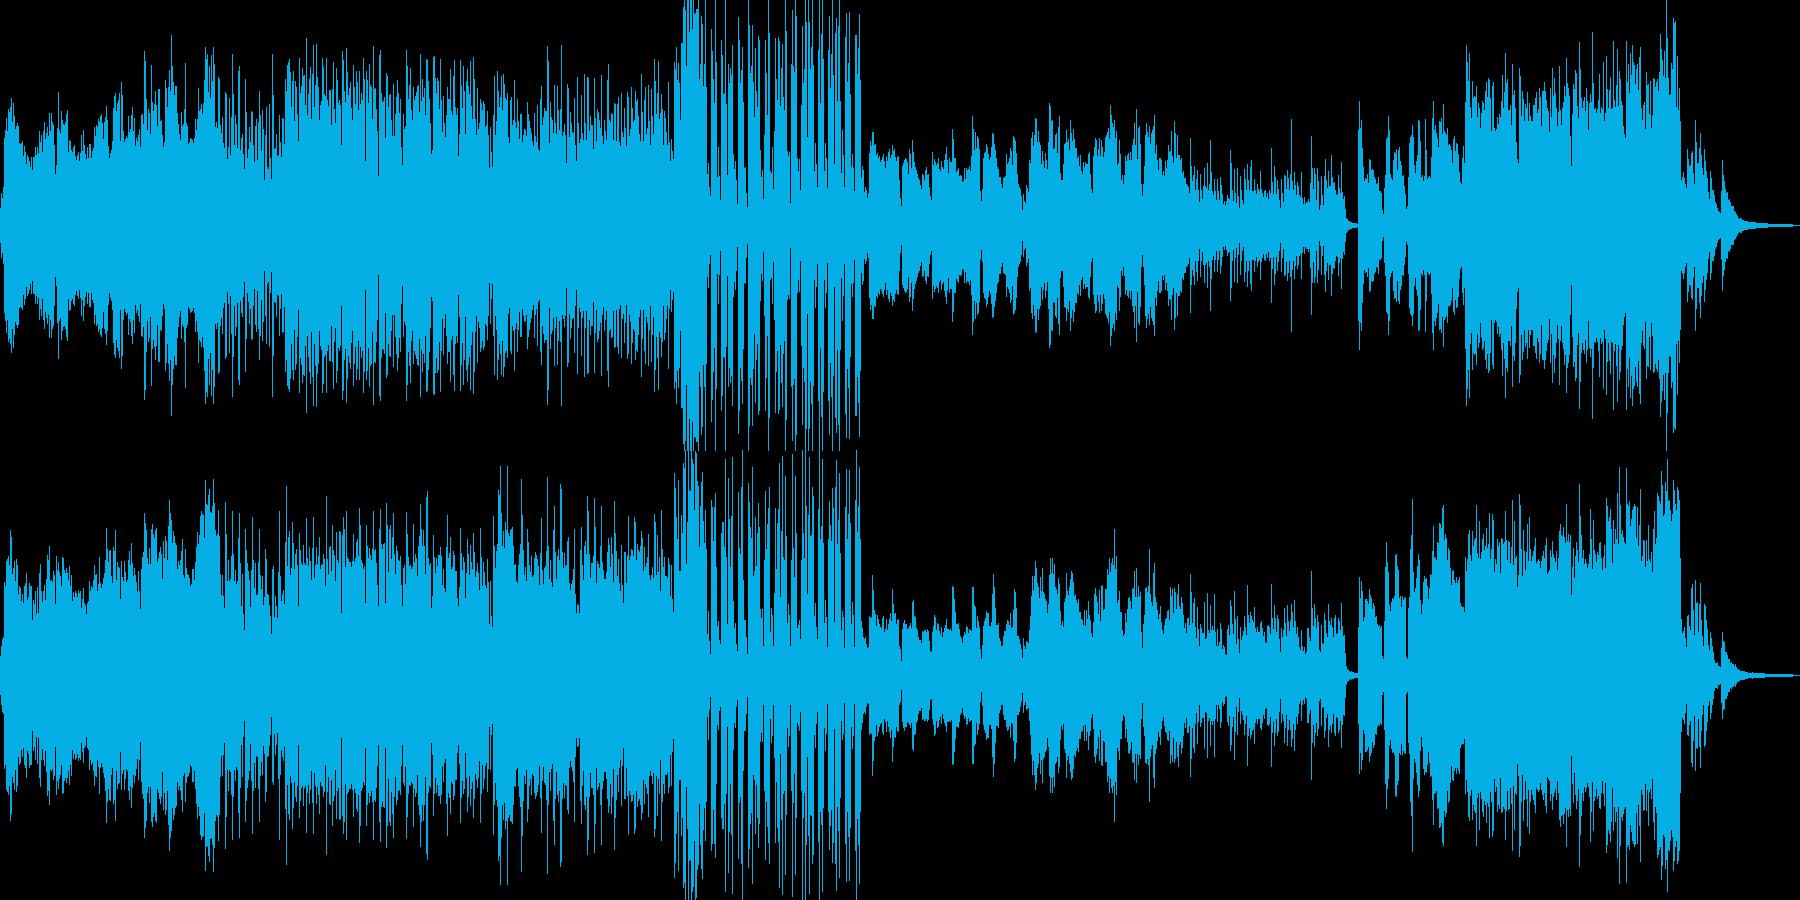 枯れ葉が舞い散るイメージ Cの再生済みの波形